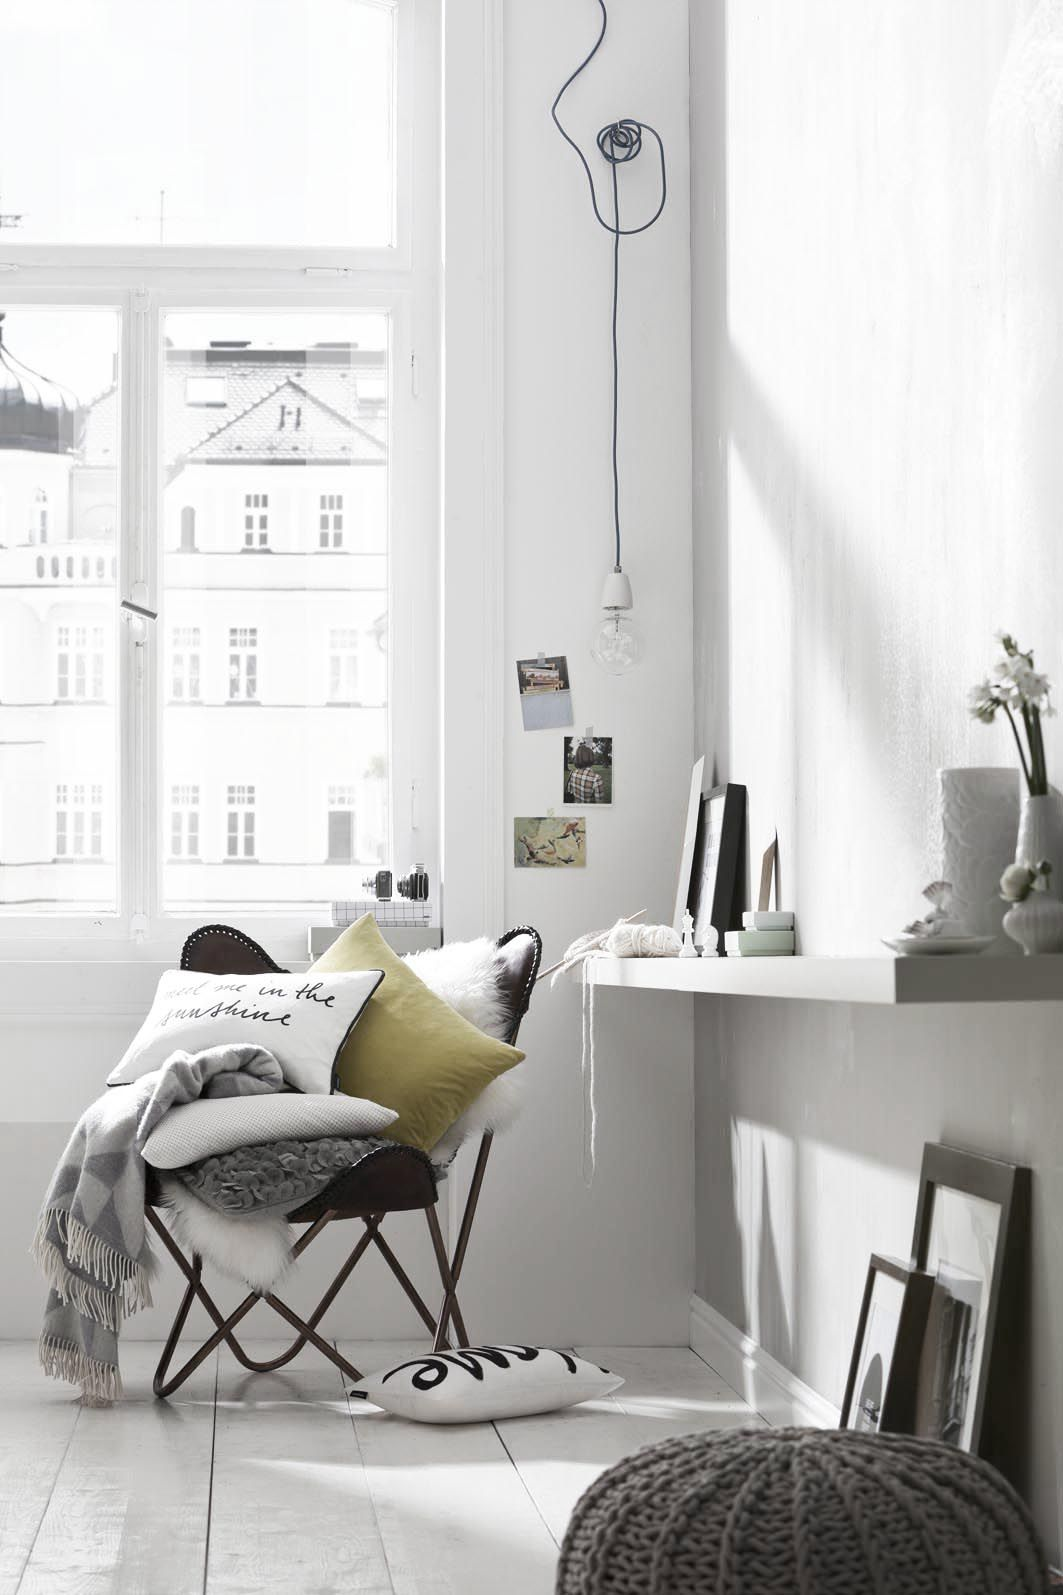 Esszimmer ideen mit grauen wänden pin von kidvik k auf home living  pinterest  kabel lampen und regal